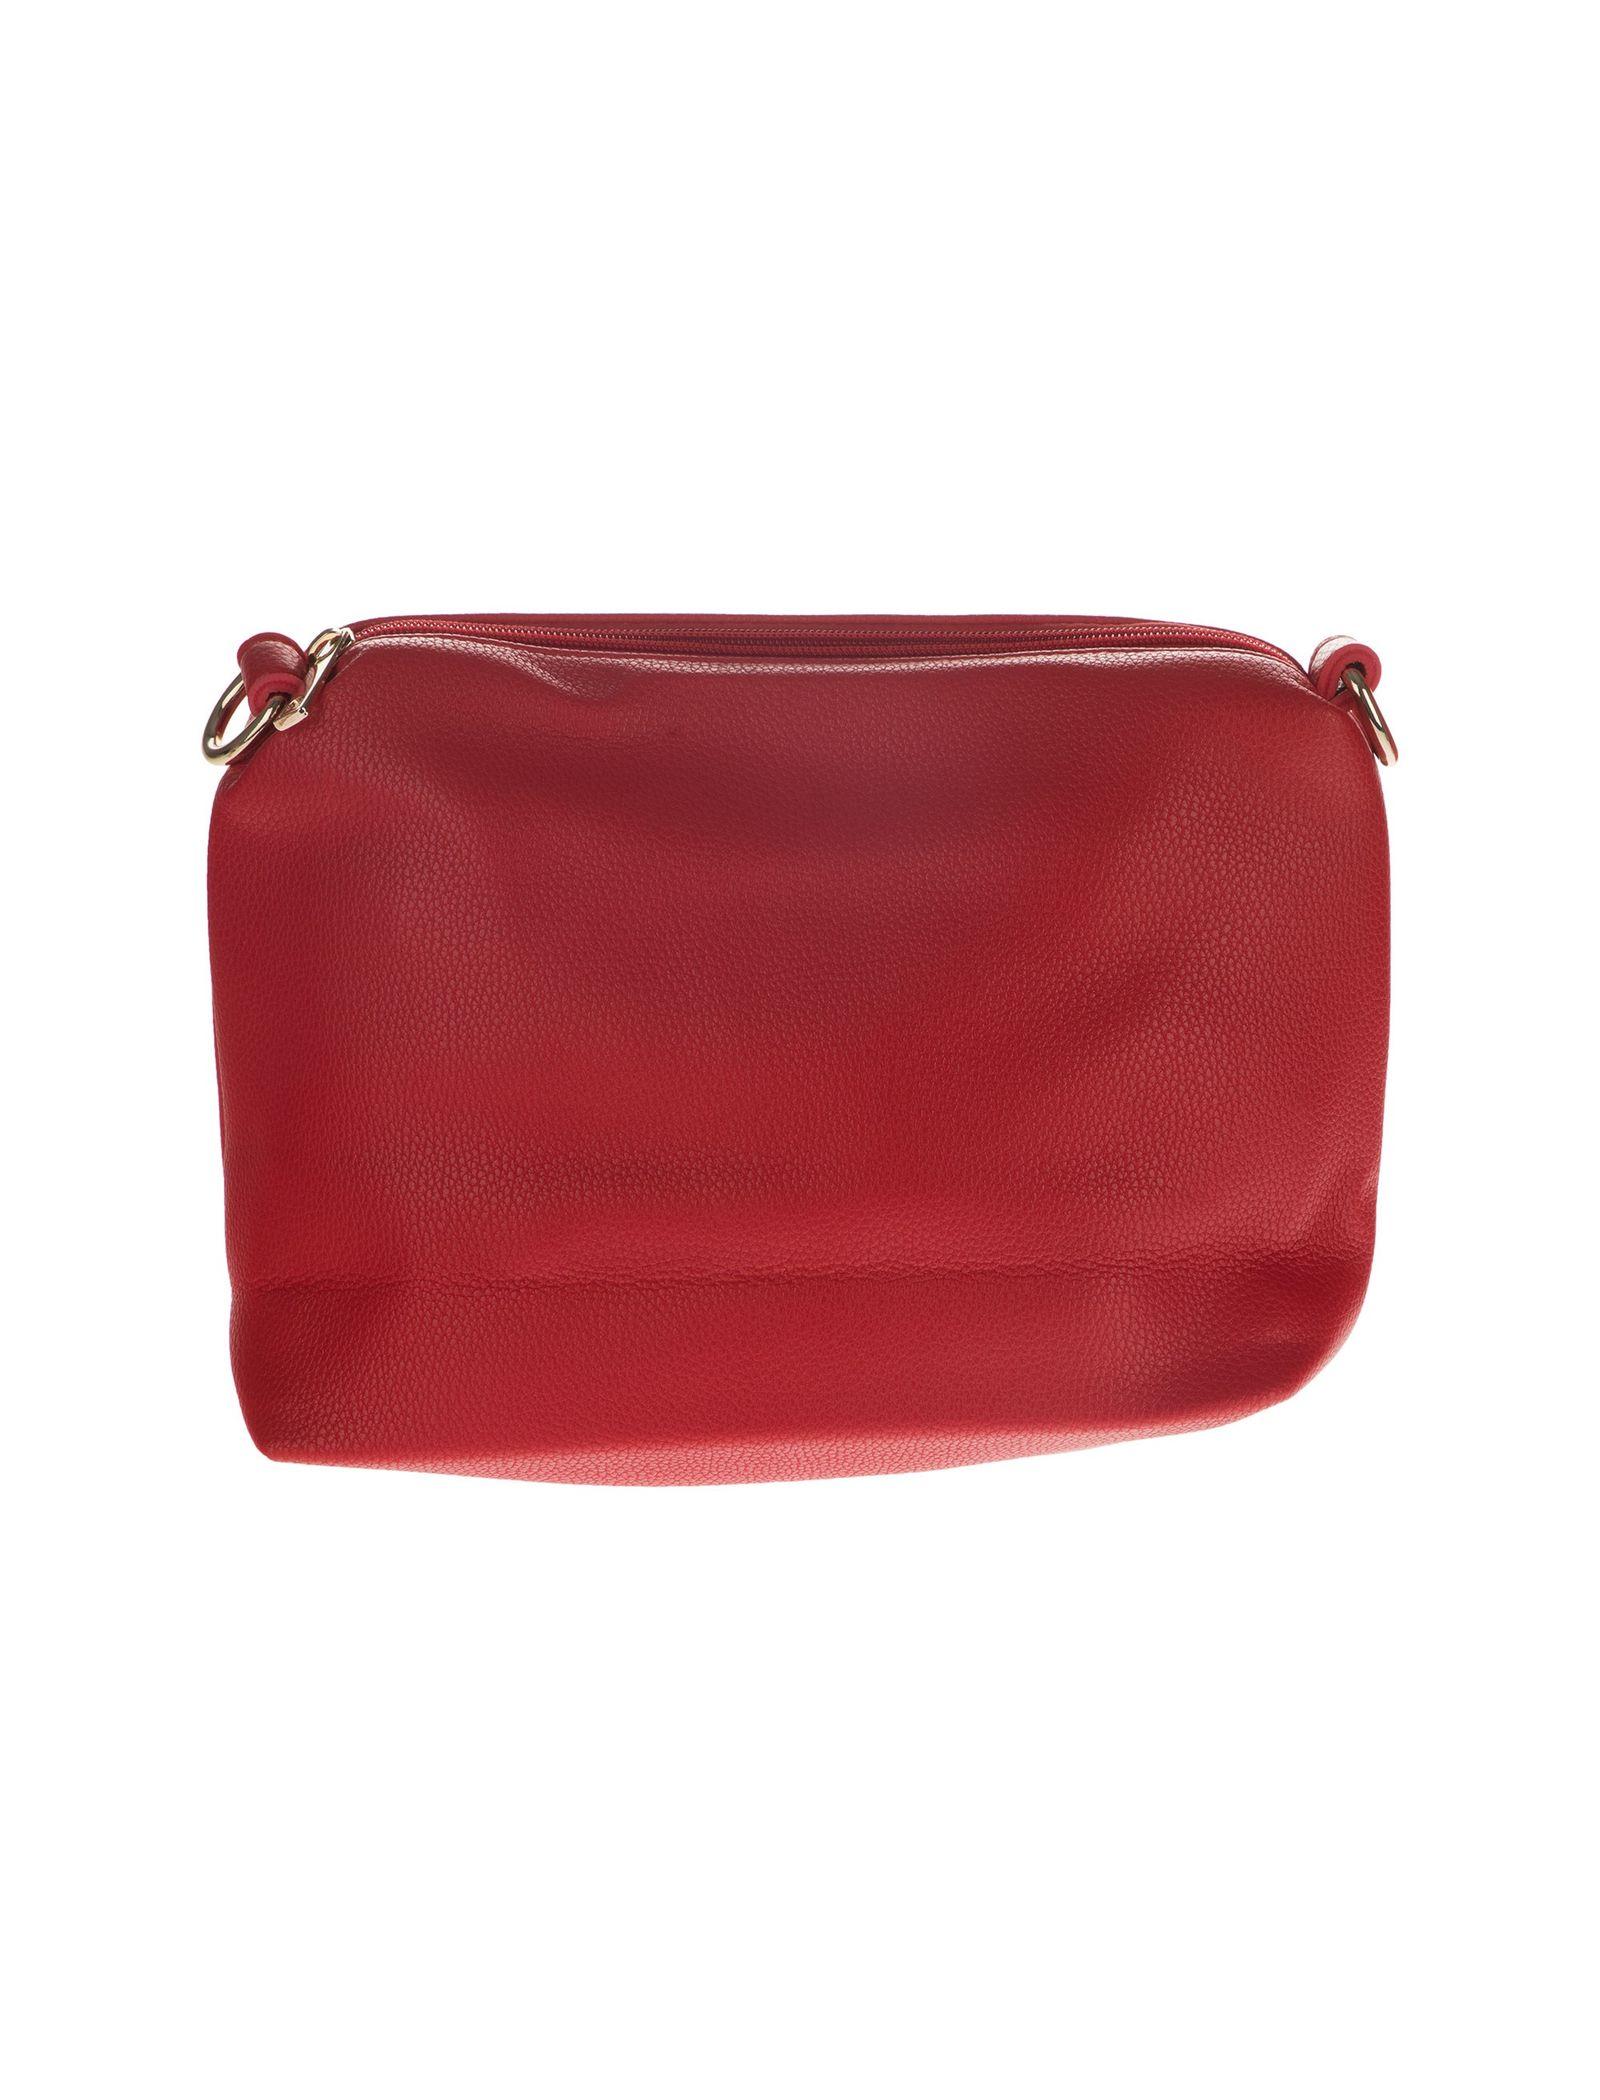 کیف دوشی روزمره زنانه - دادلین - قرمز  - 7